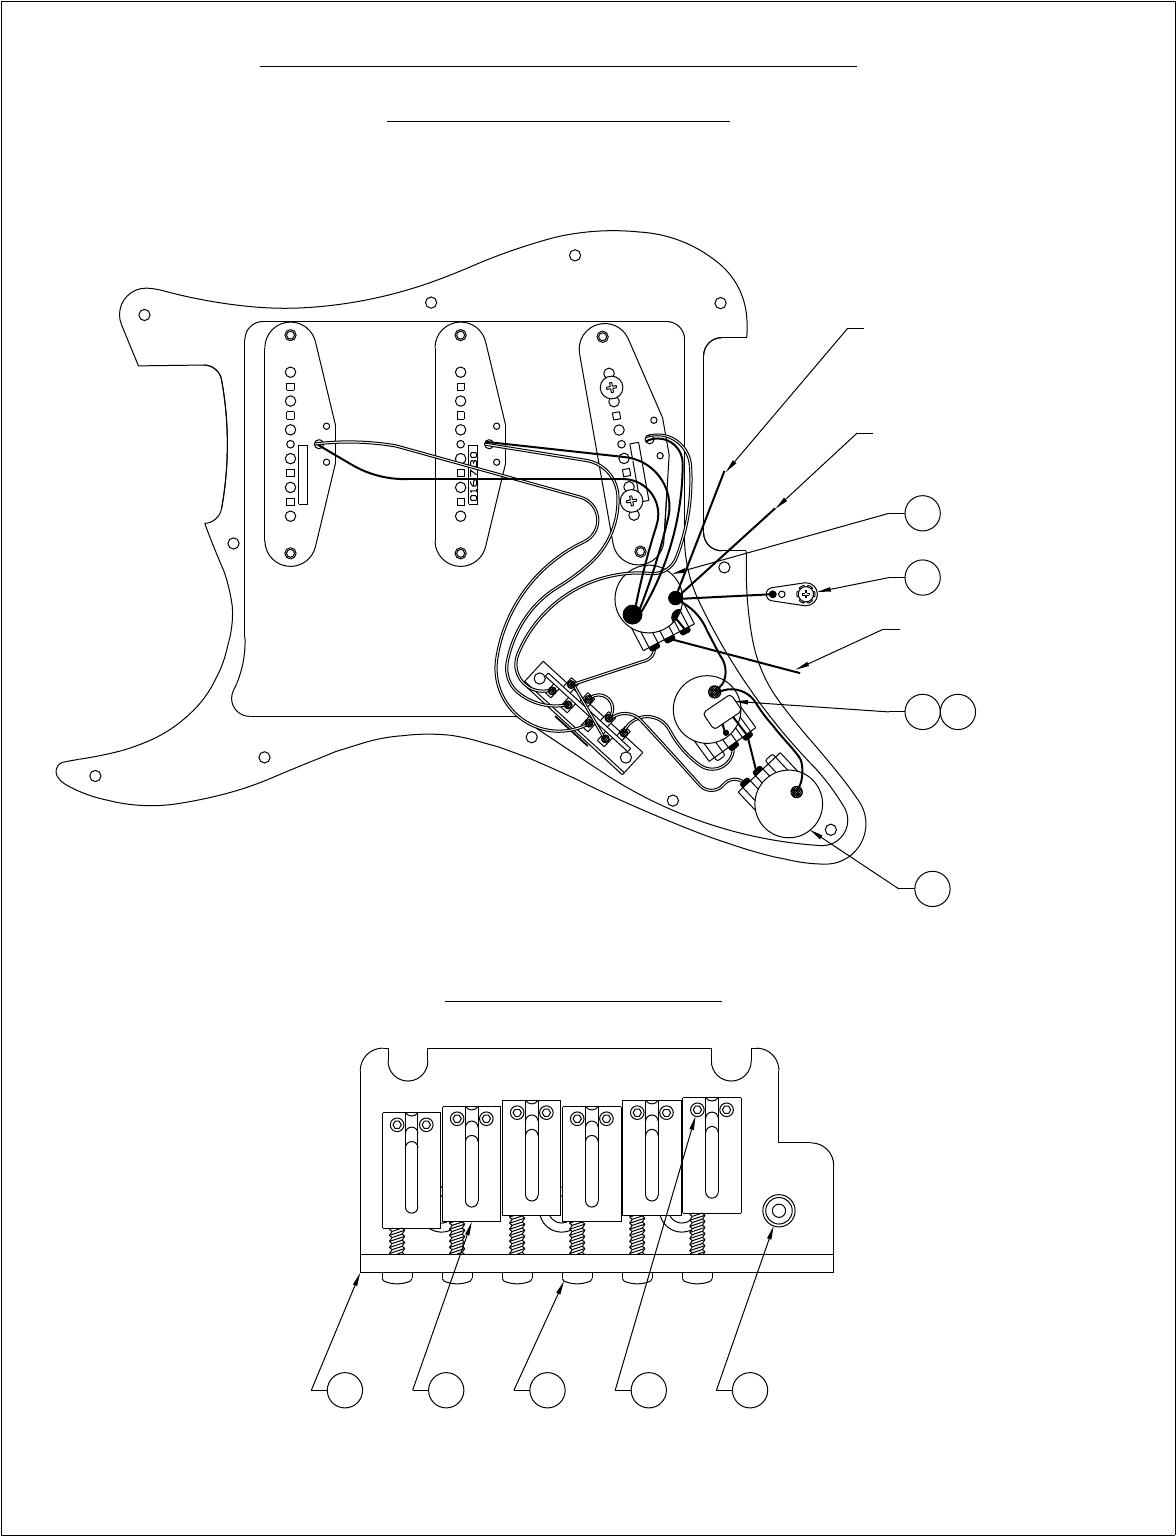 Fender 011 7400 02A SISD